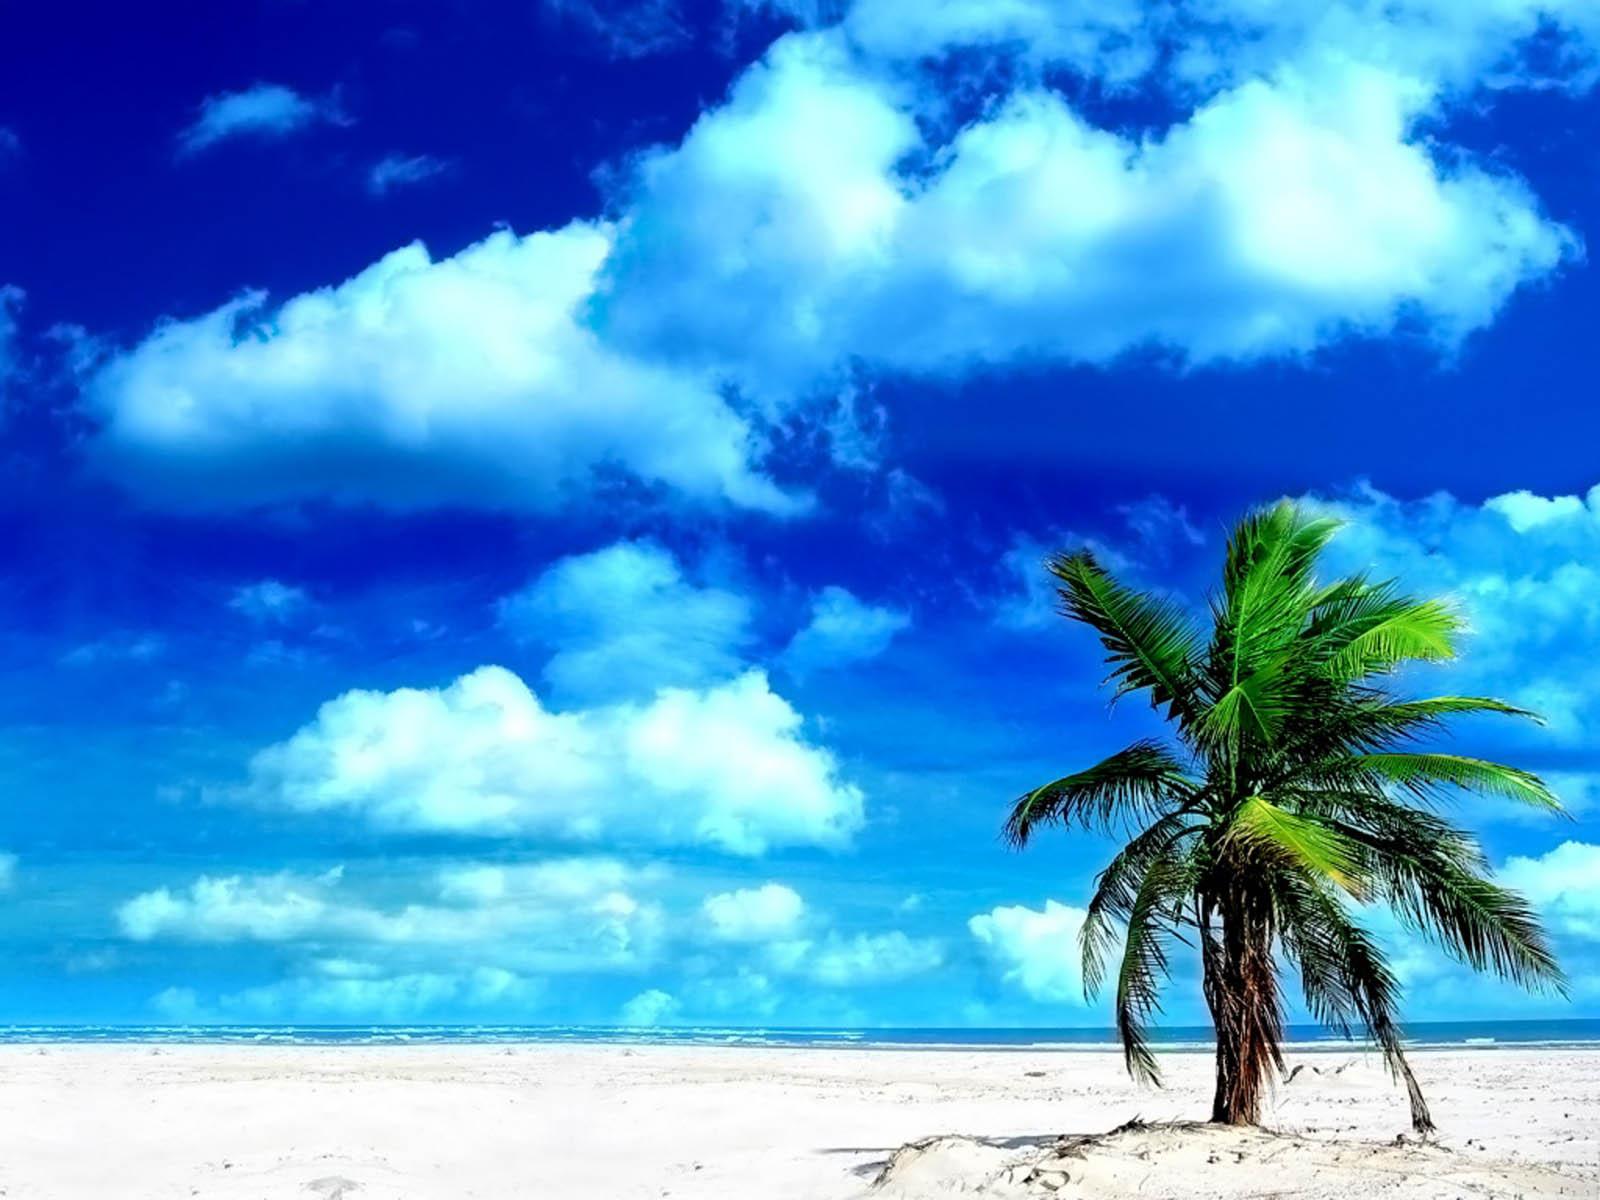 Wallpaper: Beach Wallpapers